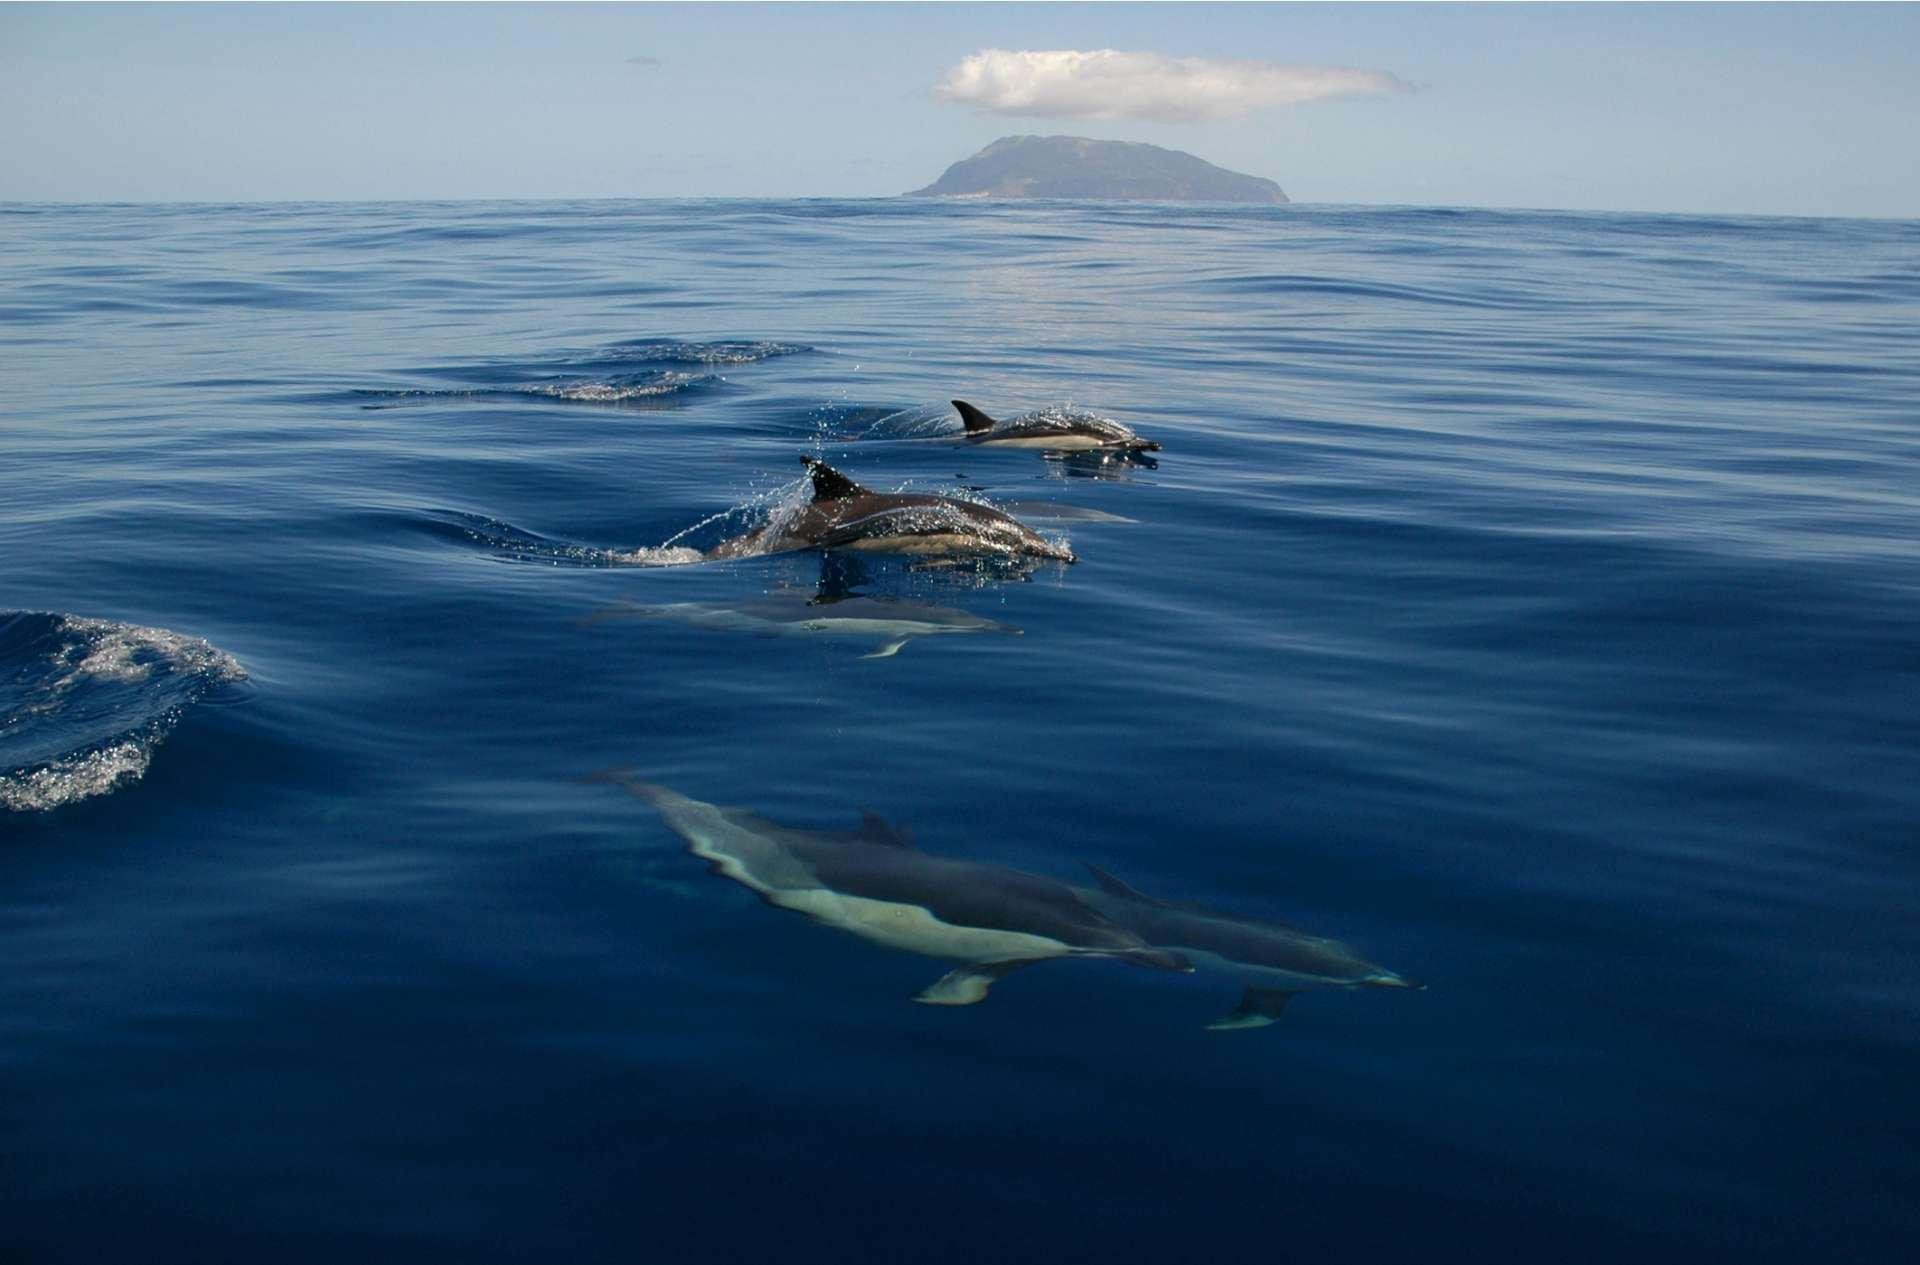 Pas moins de 27 espèces ont été répertoriées autour des îles des Açores, dont des espèces migratrices, et des espèces résidentes.